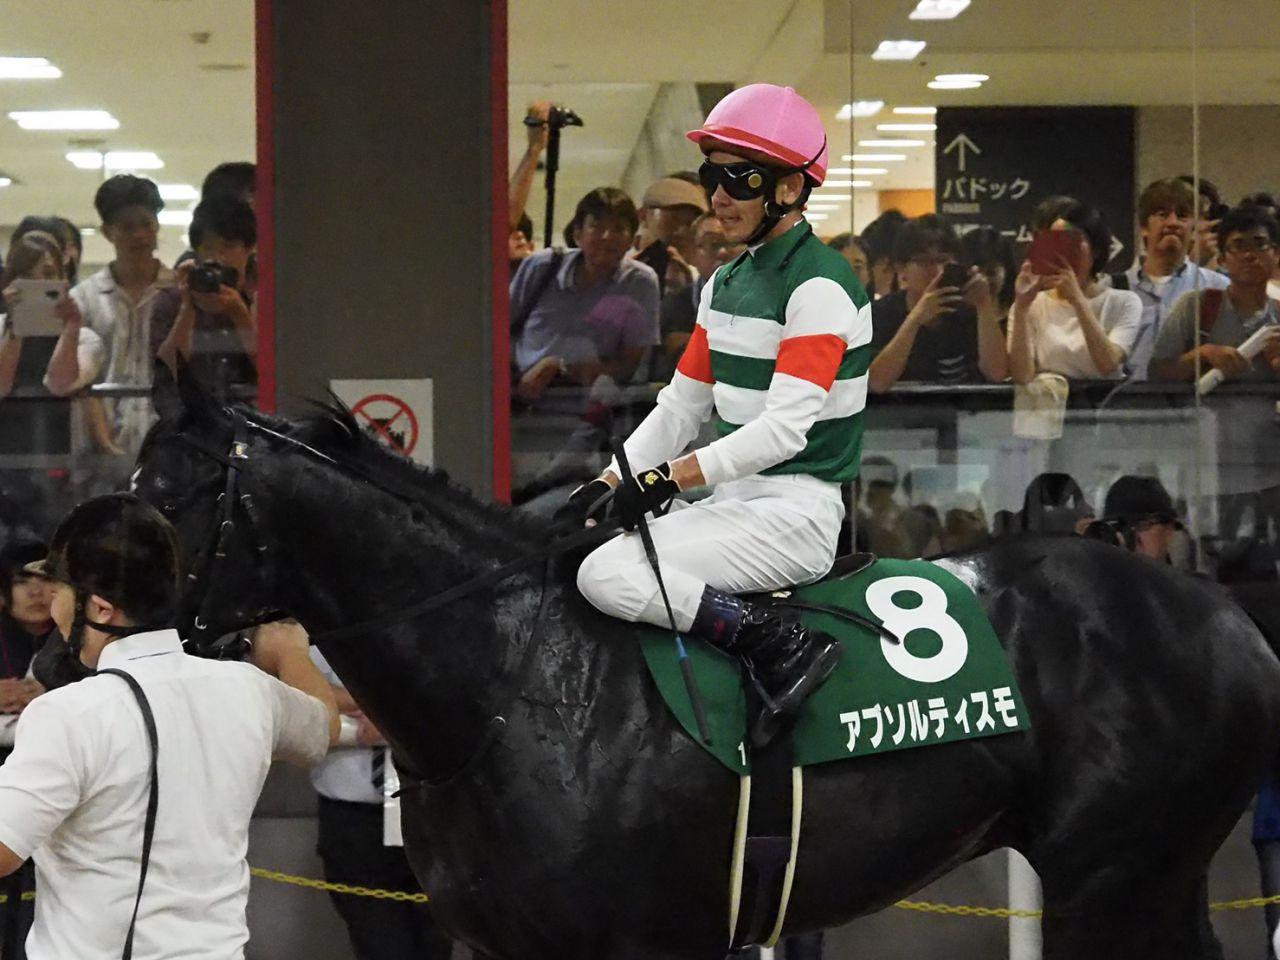 【サウジアラビアRC】戸崎「いい感じでしたが…」レース後ジョッキーコメント